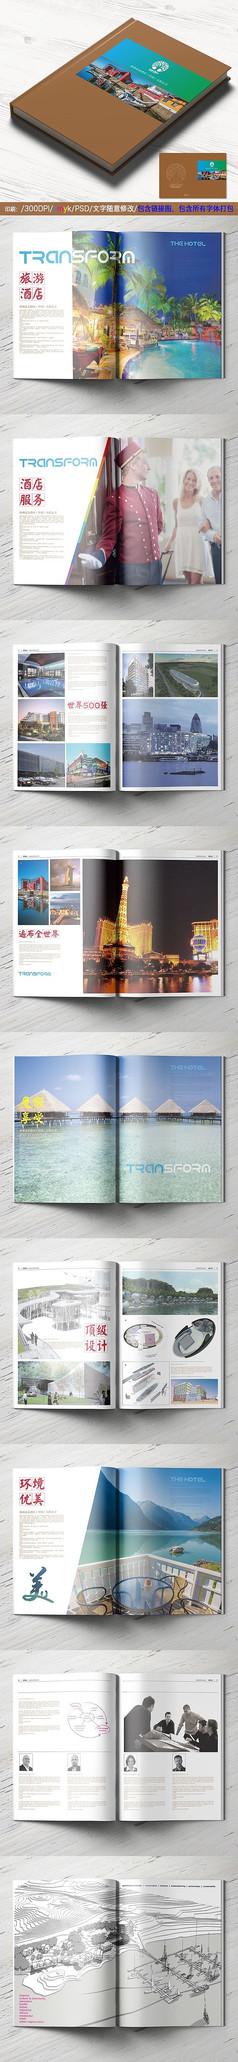 高档旅游酒店画册模板